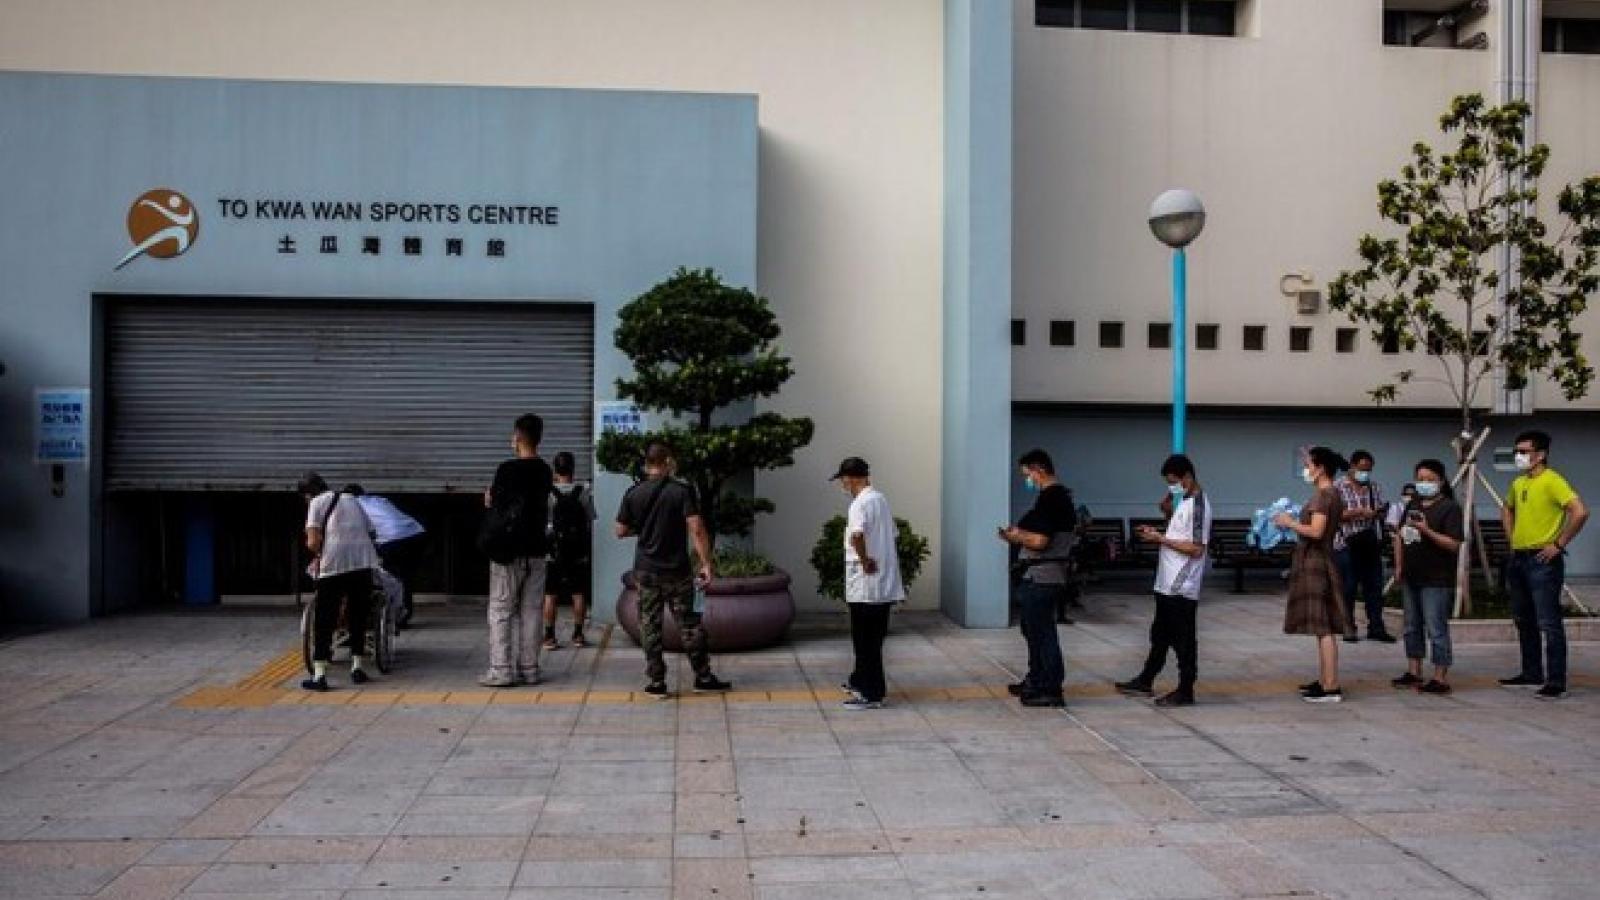 Hồng Kông, Trung Quốc: 1,6 triệu dân đã tham gia xét nghiệm Covid-19